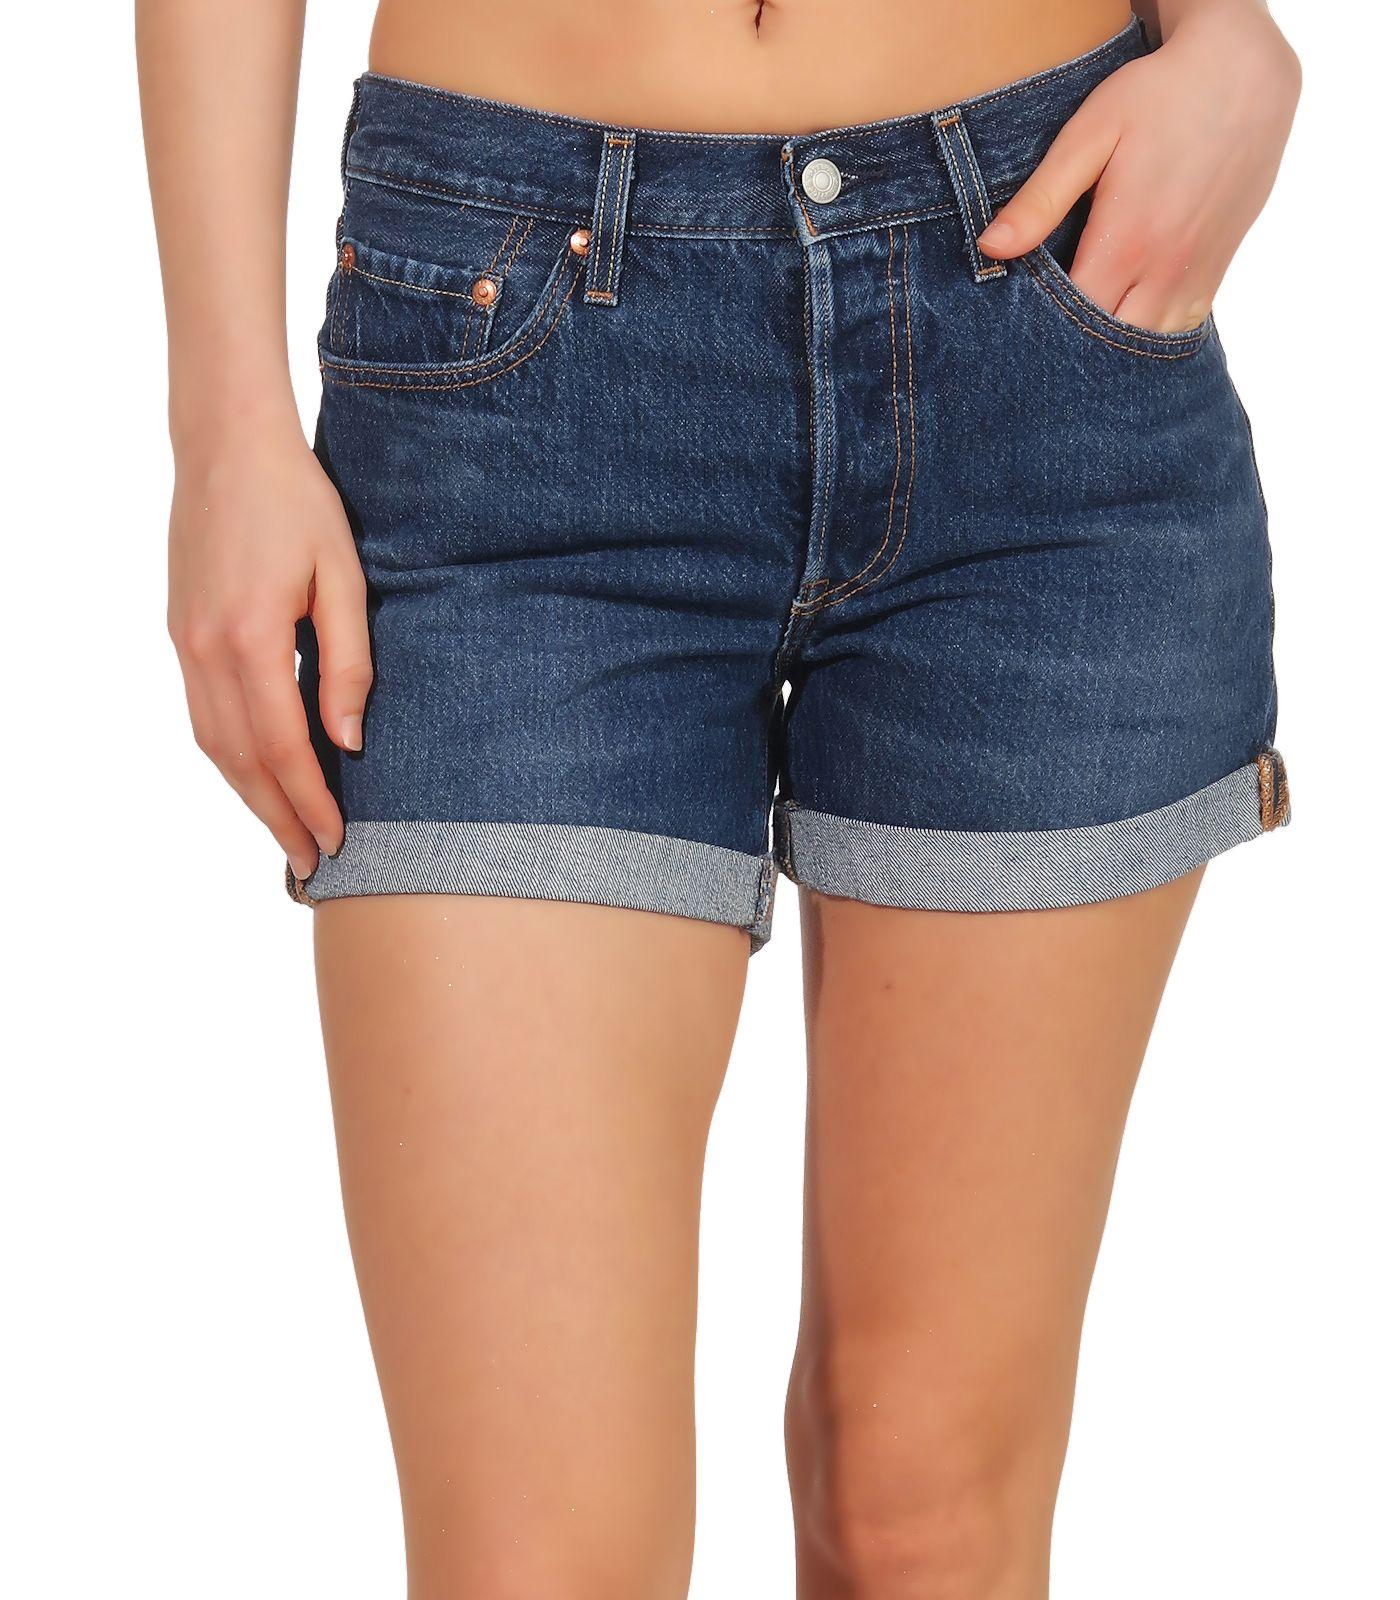 Details zu Levi`s Damen Jeans Shorts Damenhose Hotpants kurze Hose Bermuda Denim 501 29961